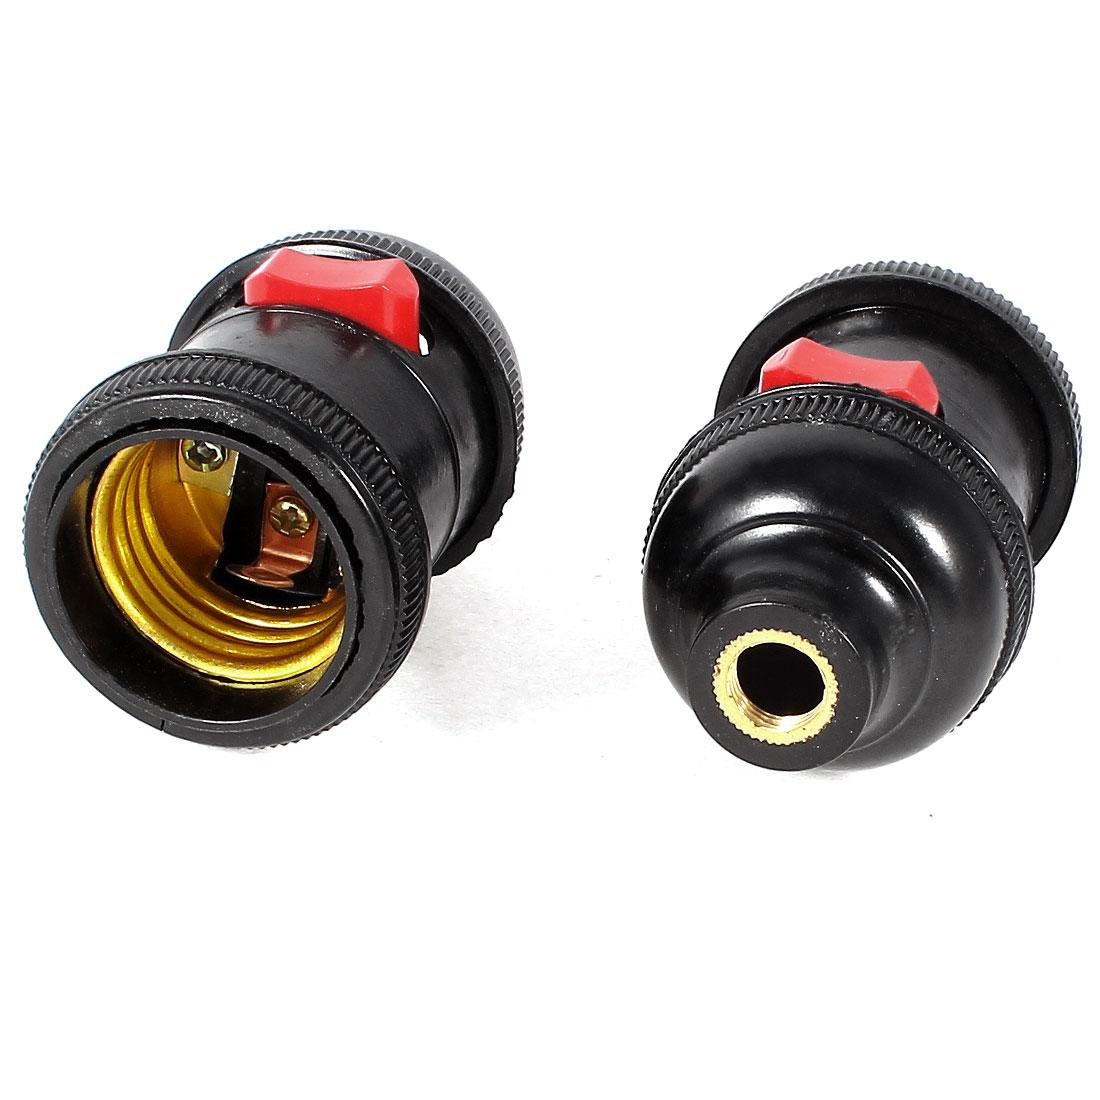 2 Pcs E27 Light Bulb Socket Holder Adapter AC 250V 10A Black Gold Tone